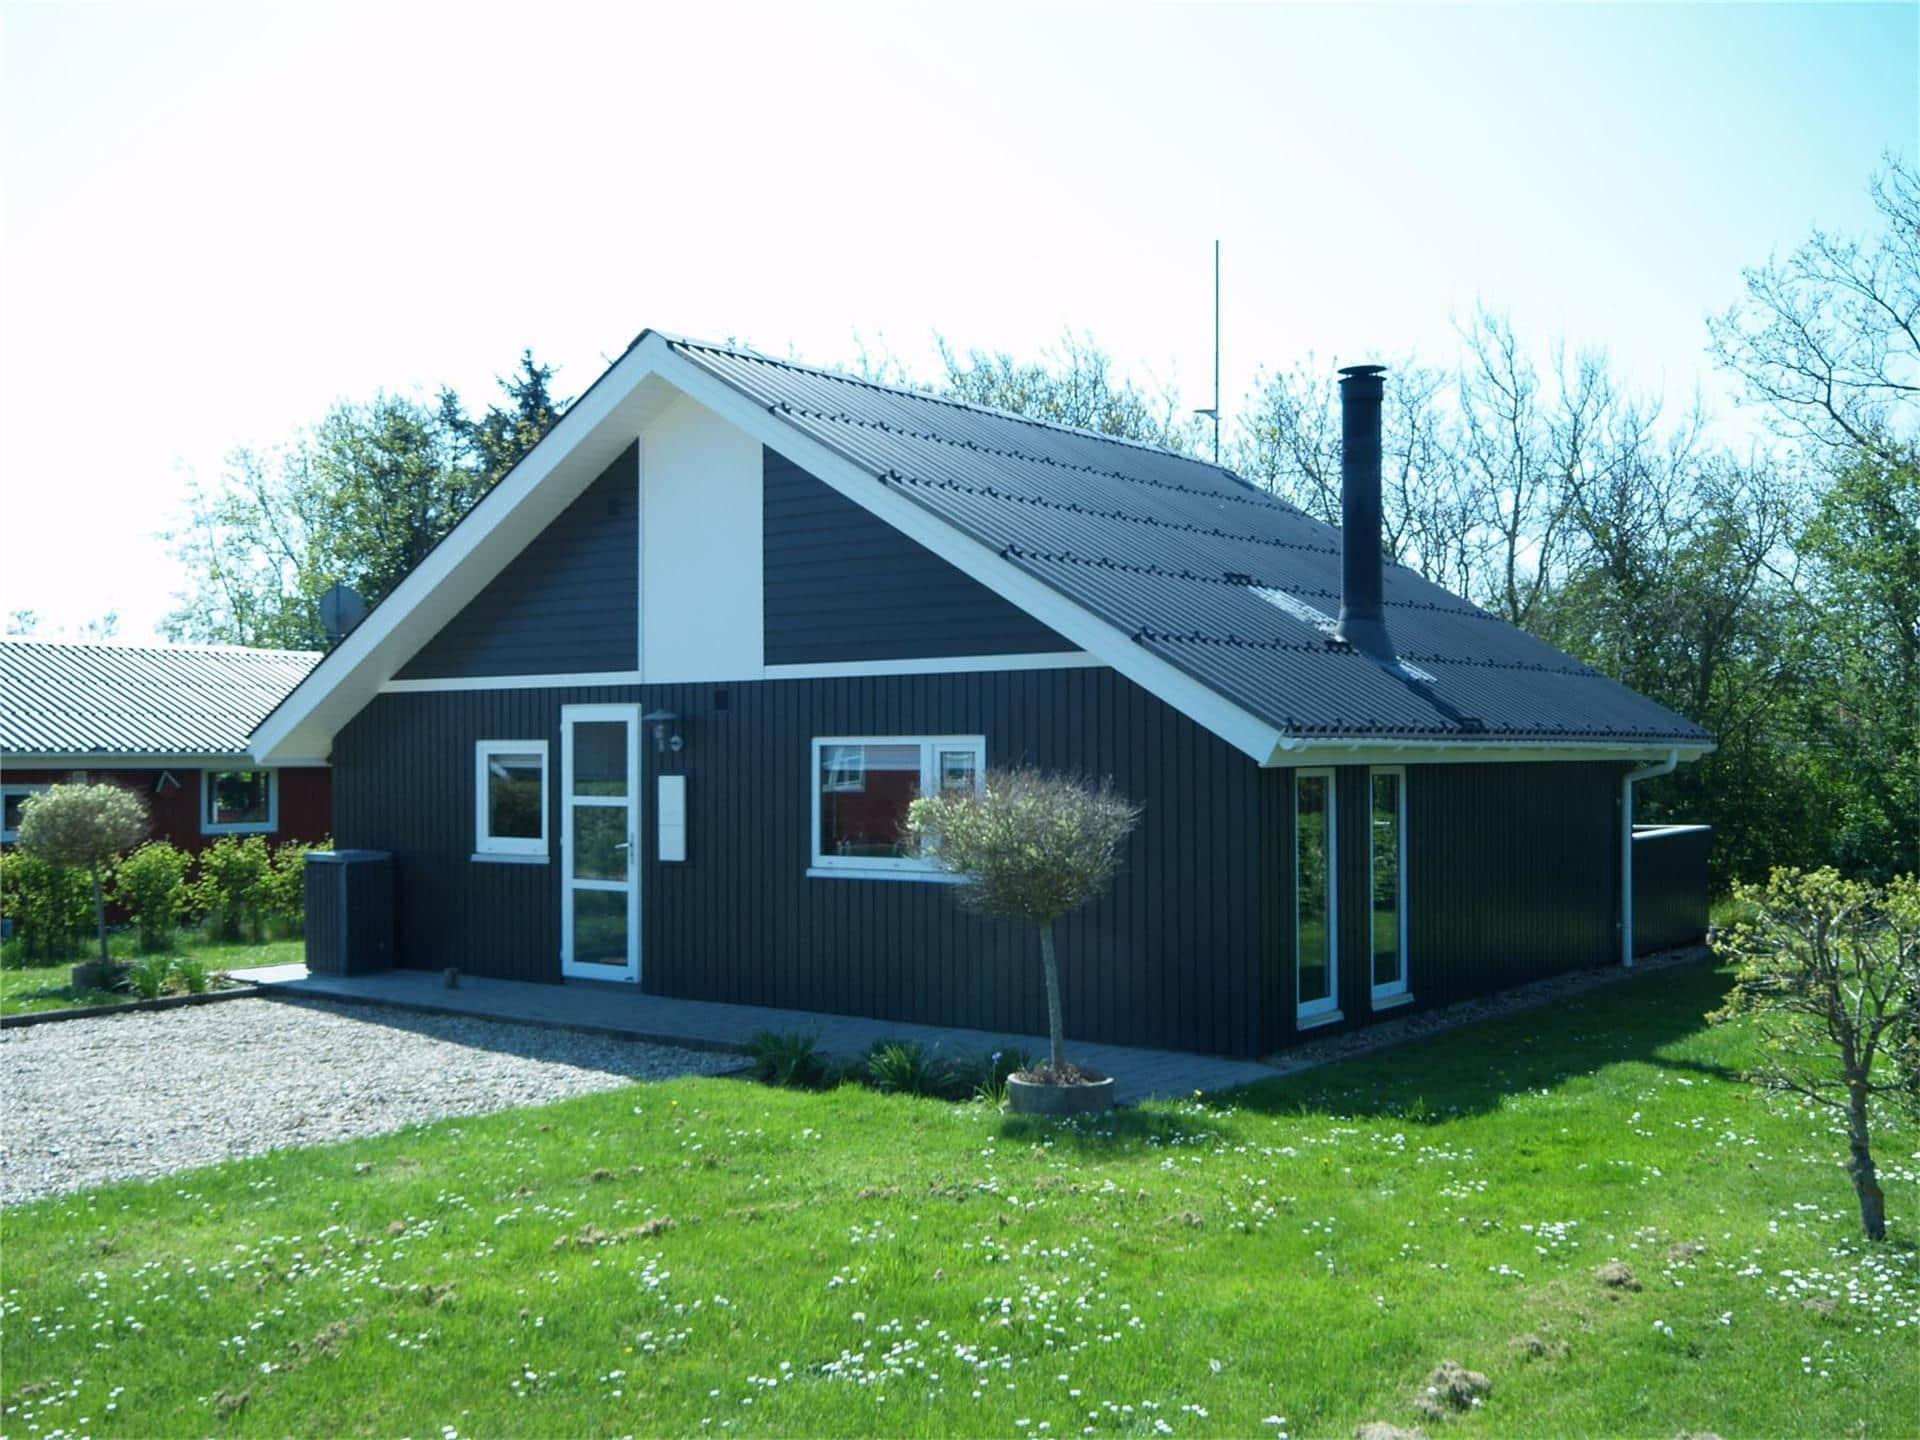 Billede 1-22 Sommerhus C11188, Bork Hytteby 211, DK - 6893 Hemmet